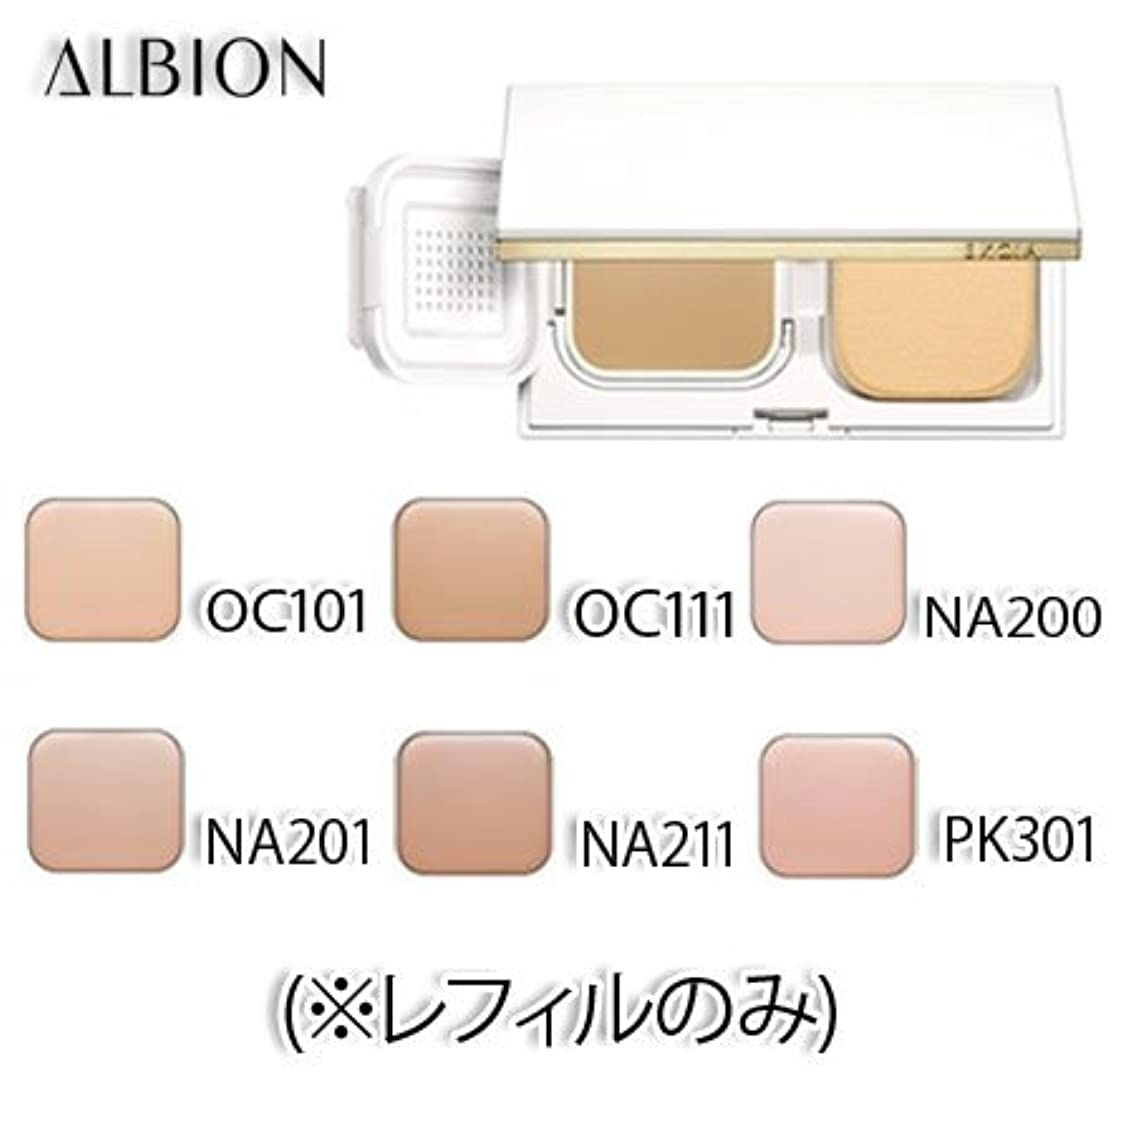 ファンブルトレードバッフルアルビオン エクシア AL リフティング エマルジョン ホワイト 6色 SPF47 PA++++ (レフィルのみ) -ALBION- NA200